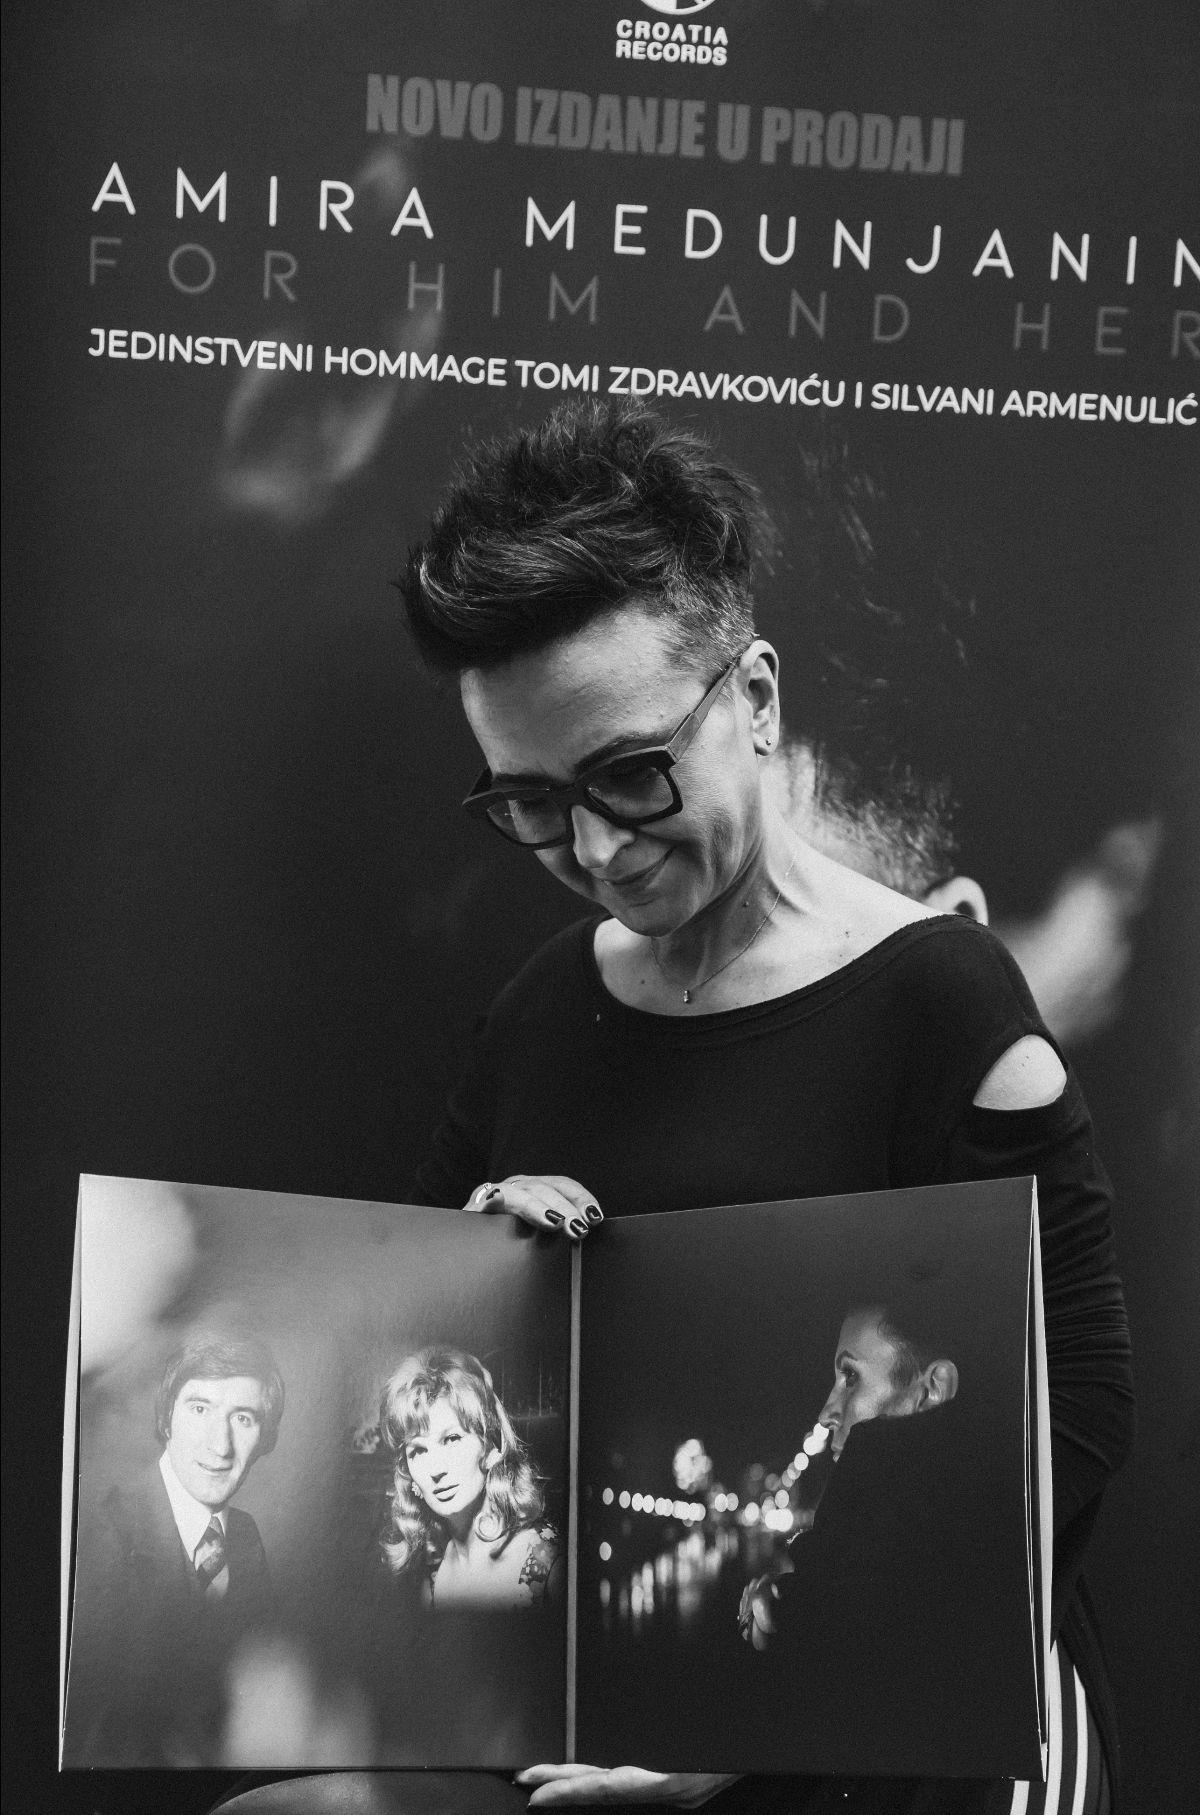 Amira Medunjanin zapjevat će u varaždinskoj Vili Bedeković